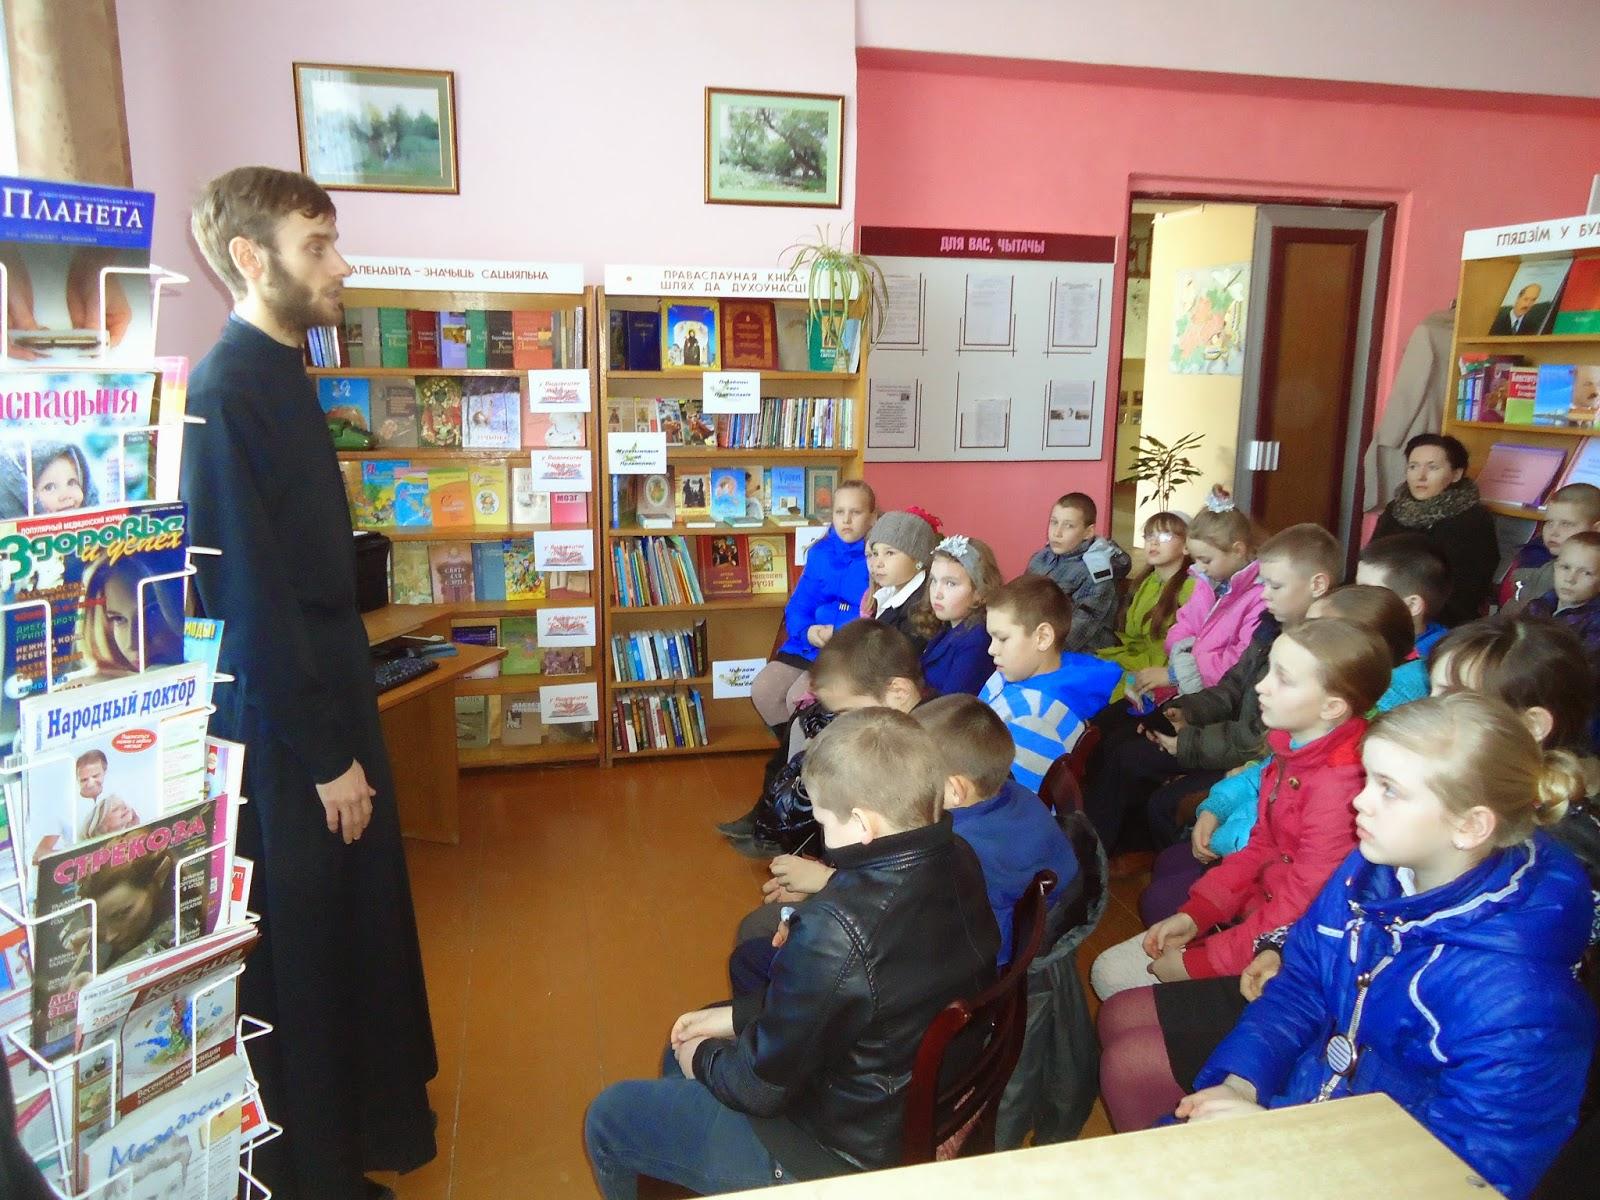 В Староборисове проведено ещё одно мероприятие посвященное Дню православной книги